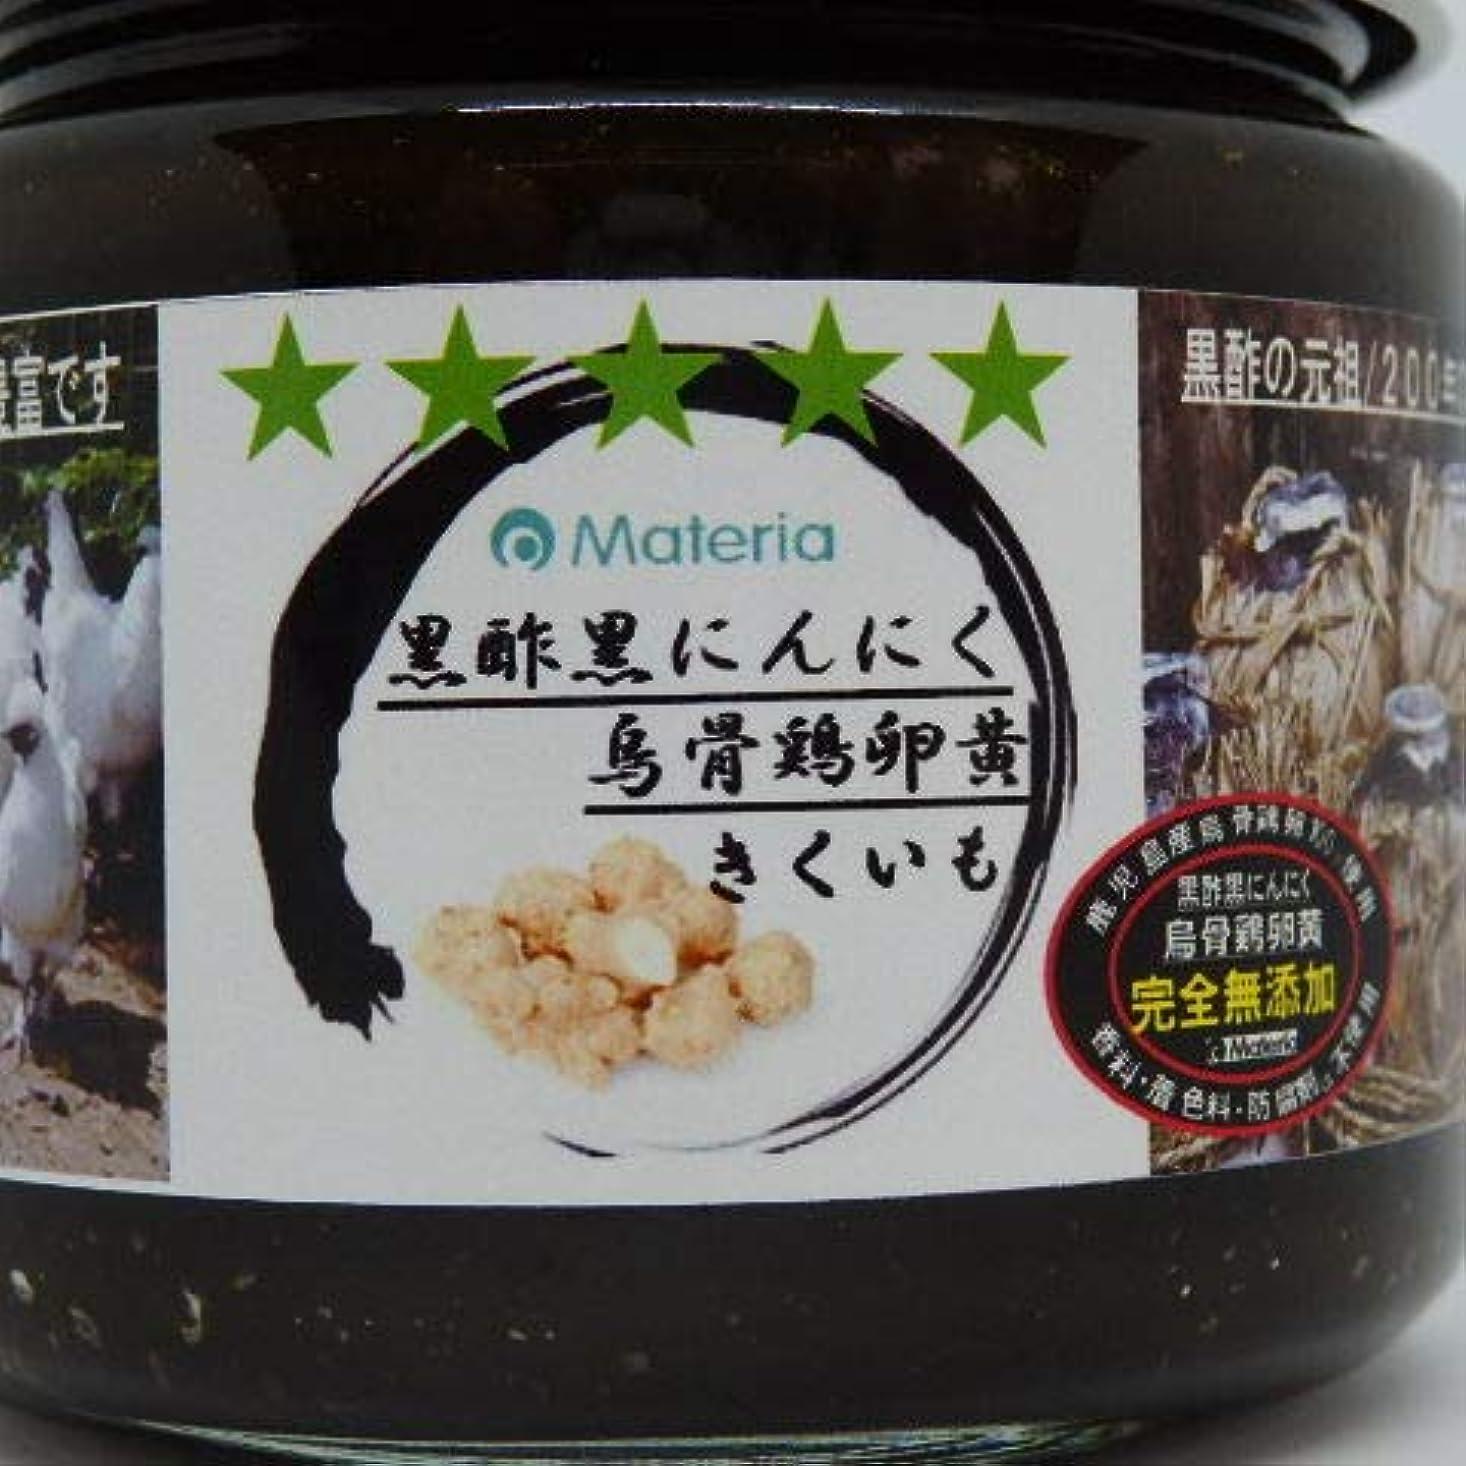 最初に接ぎ木悲鳴黒酢黒にんにく烏骨鶏卵黄/菊芋糖系ペ-スト早溶150g (1月分)¥11,500